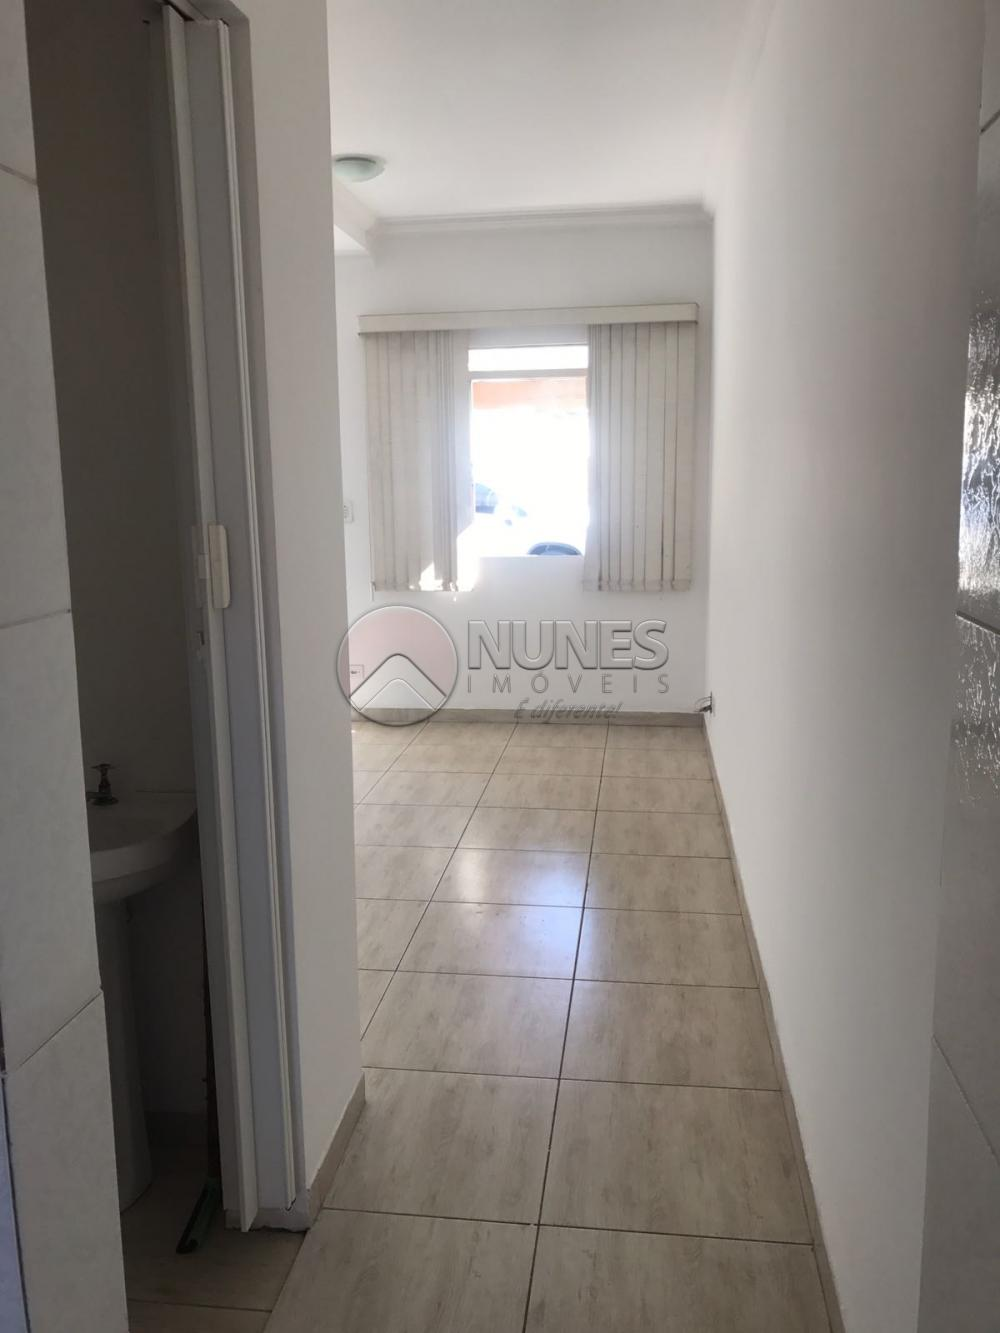 Comprar Casa / Sobrado em Condominio em Barueri apenas R$ 290.000,00 - Foto 14